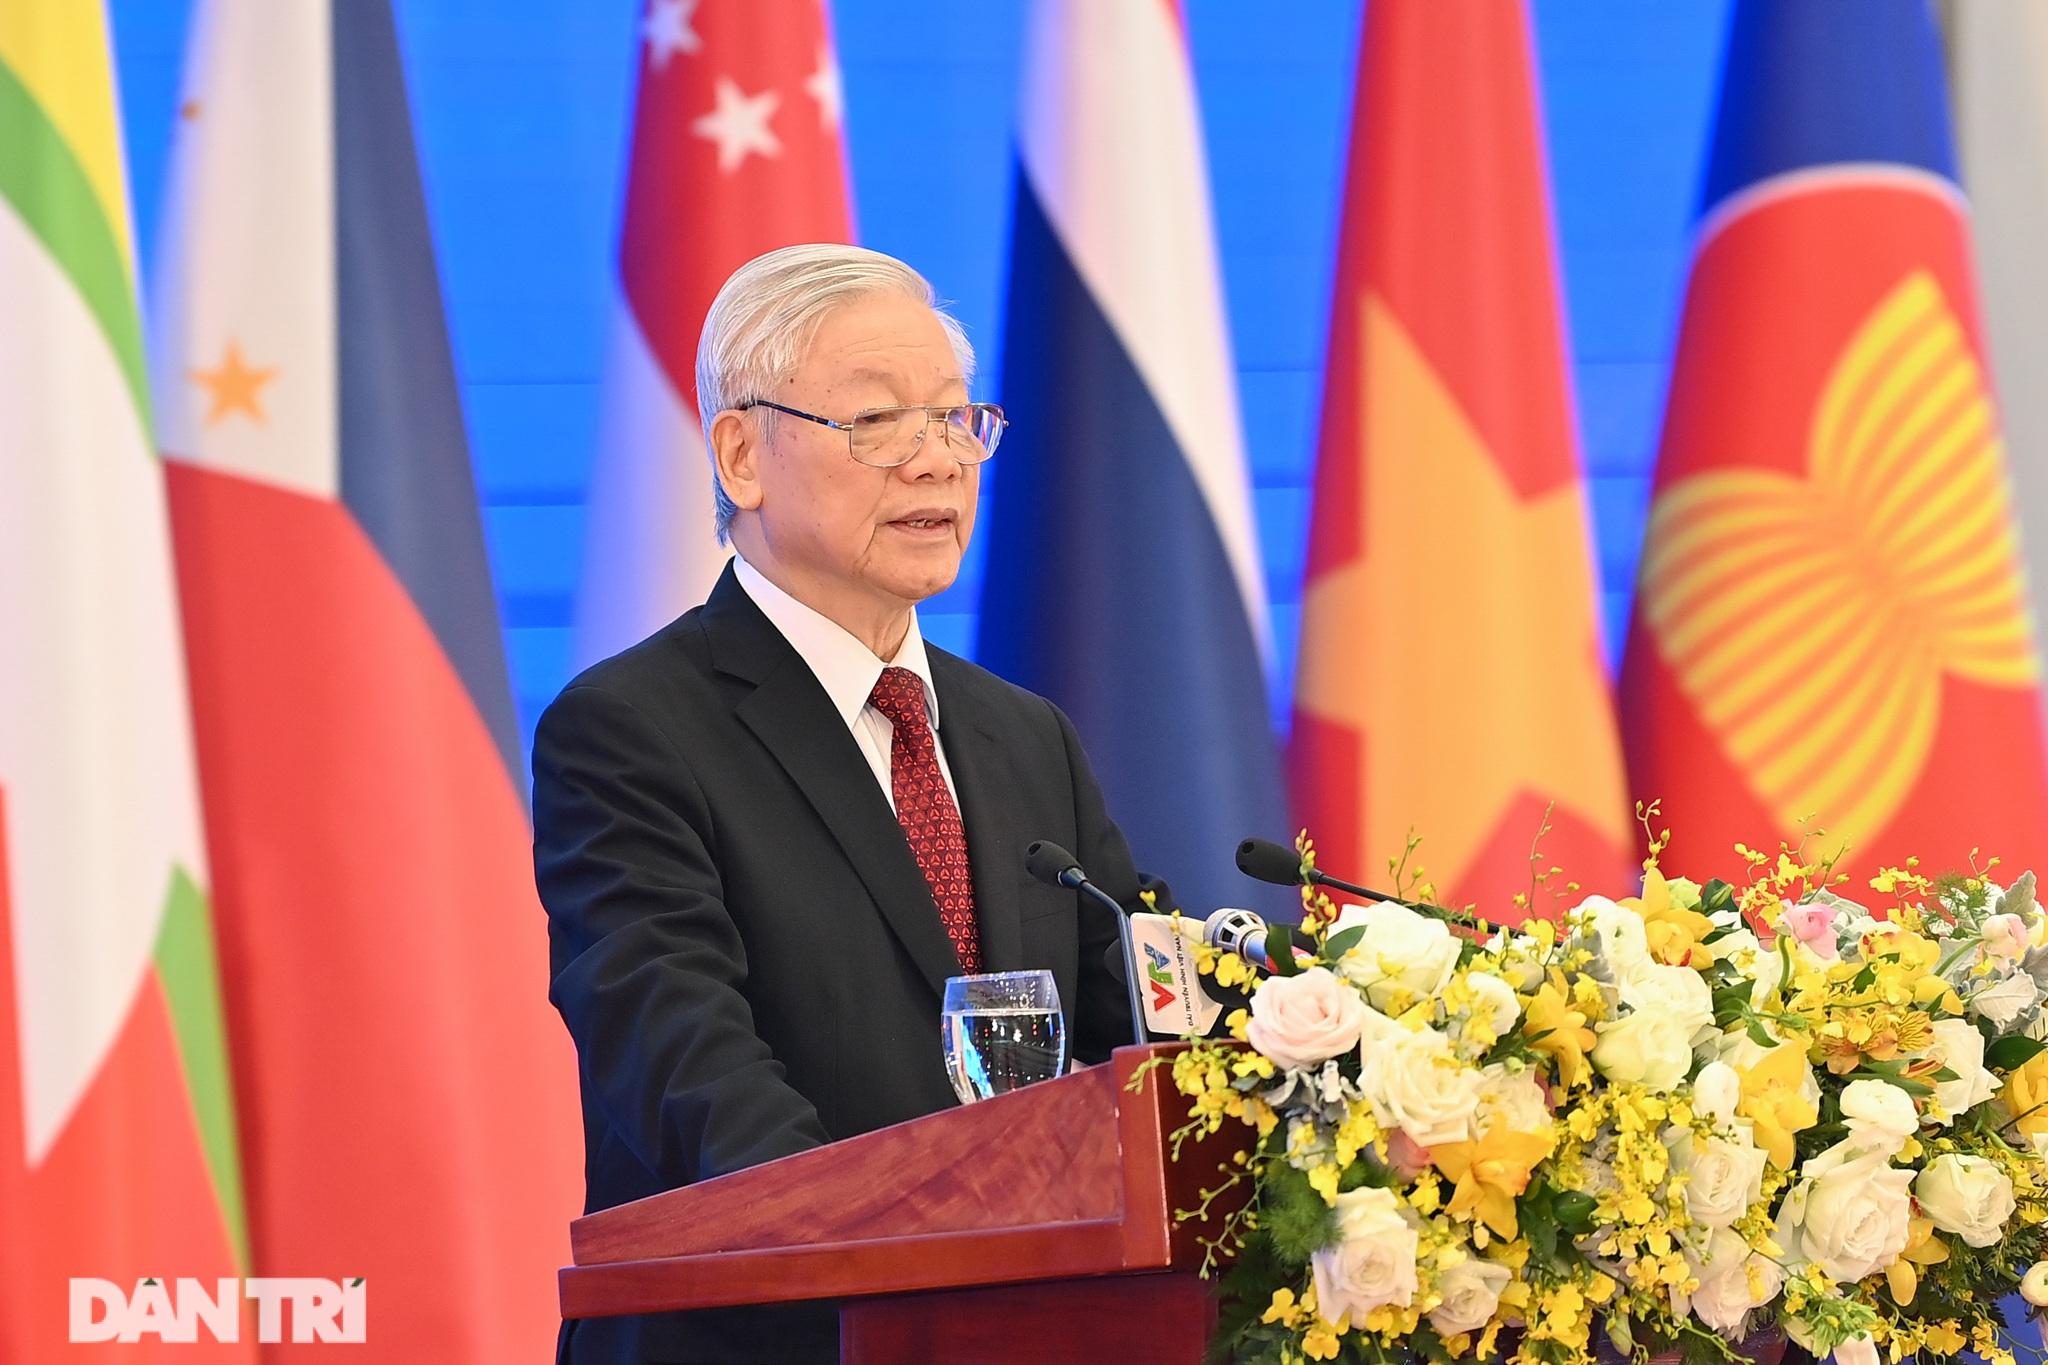 Lãnh đạo Đảng, Nhà nước dự khai mạc Hội nghị cấp cao ASEAN - 11